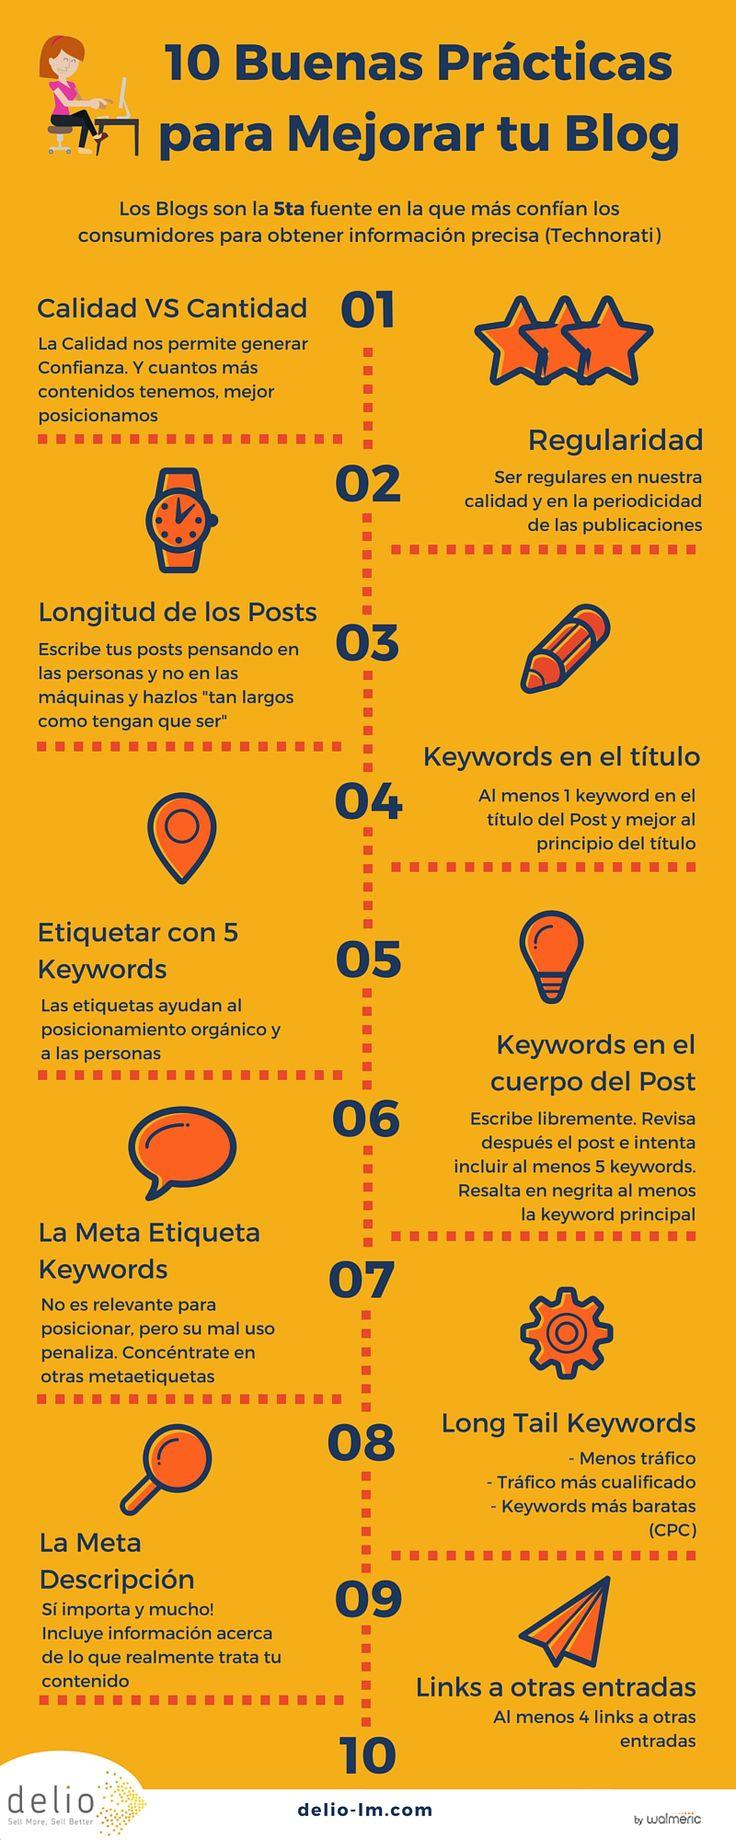 10 buenas prácticas para mejorar tu Blog #infografia #infographic #socialmedia